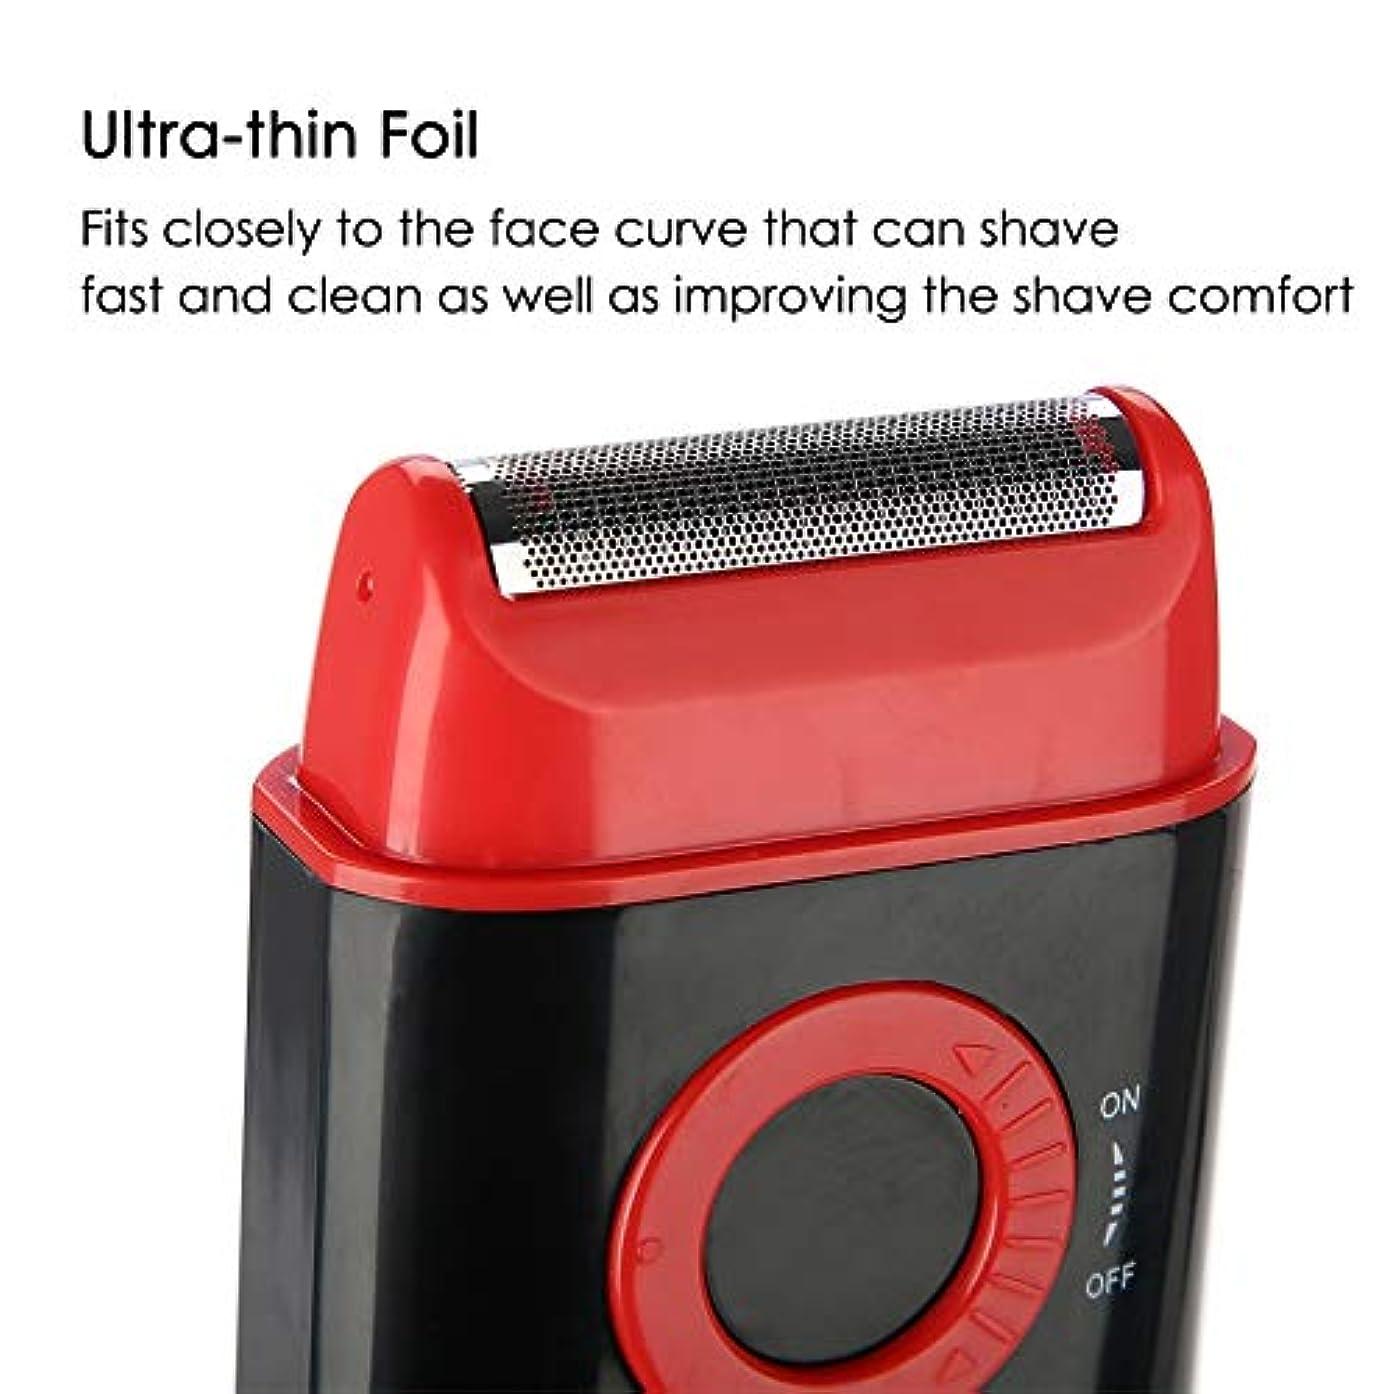 白内障書き出すダイジェスト電気シェーバー 剃刀 男性 超薄型箔ポップアップひげトリマー単3電池のパワーシェービングカミソリ (レッド)